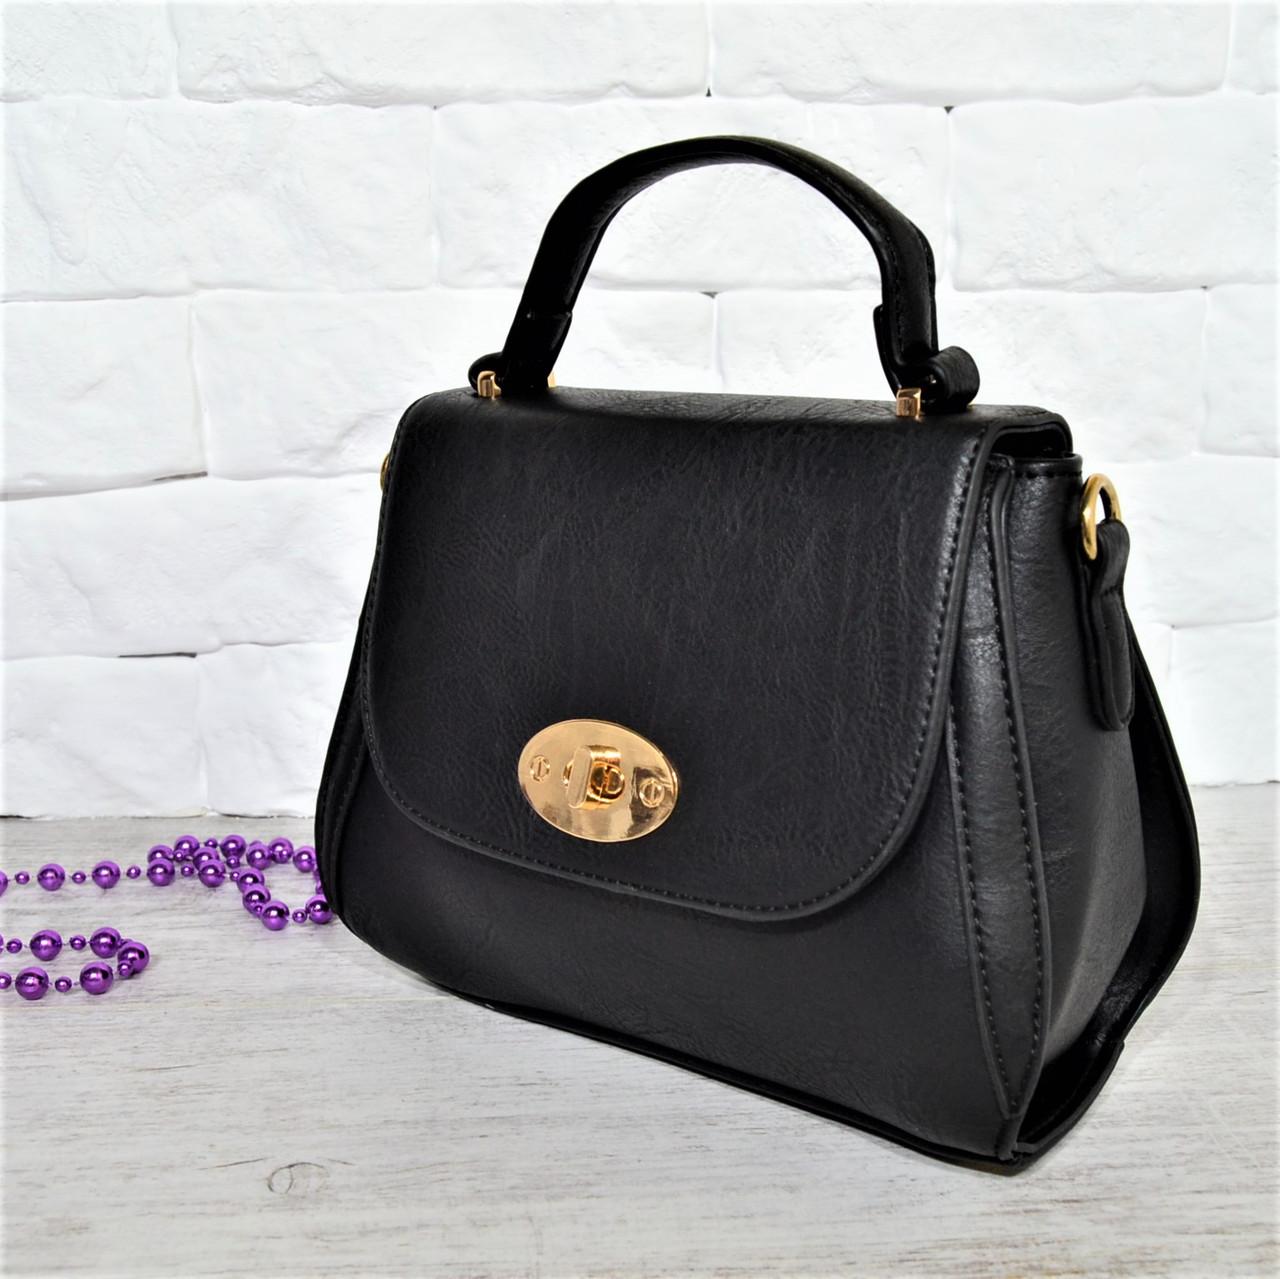 Сумка - саквояж Grace c длинным ремешком через плечо черная женская Женская сумка Сумка для девушки